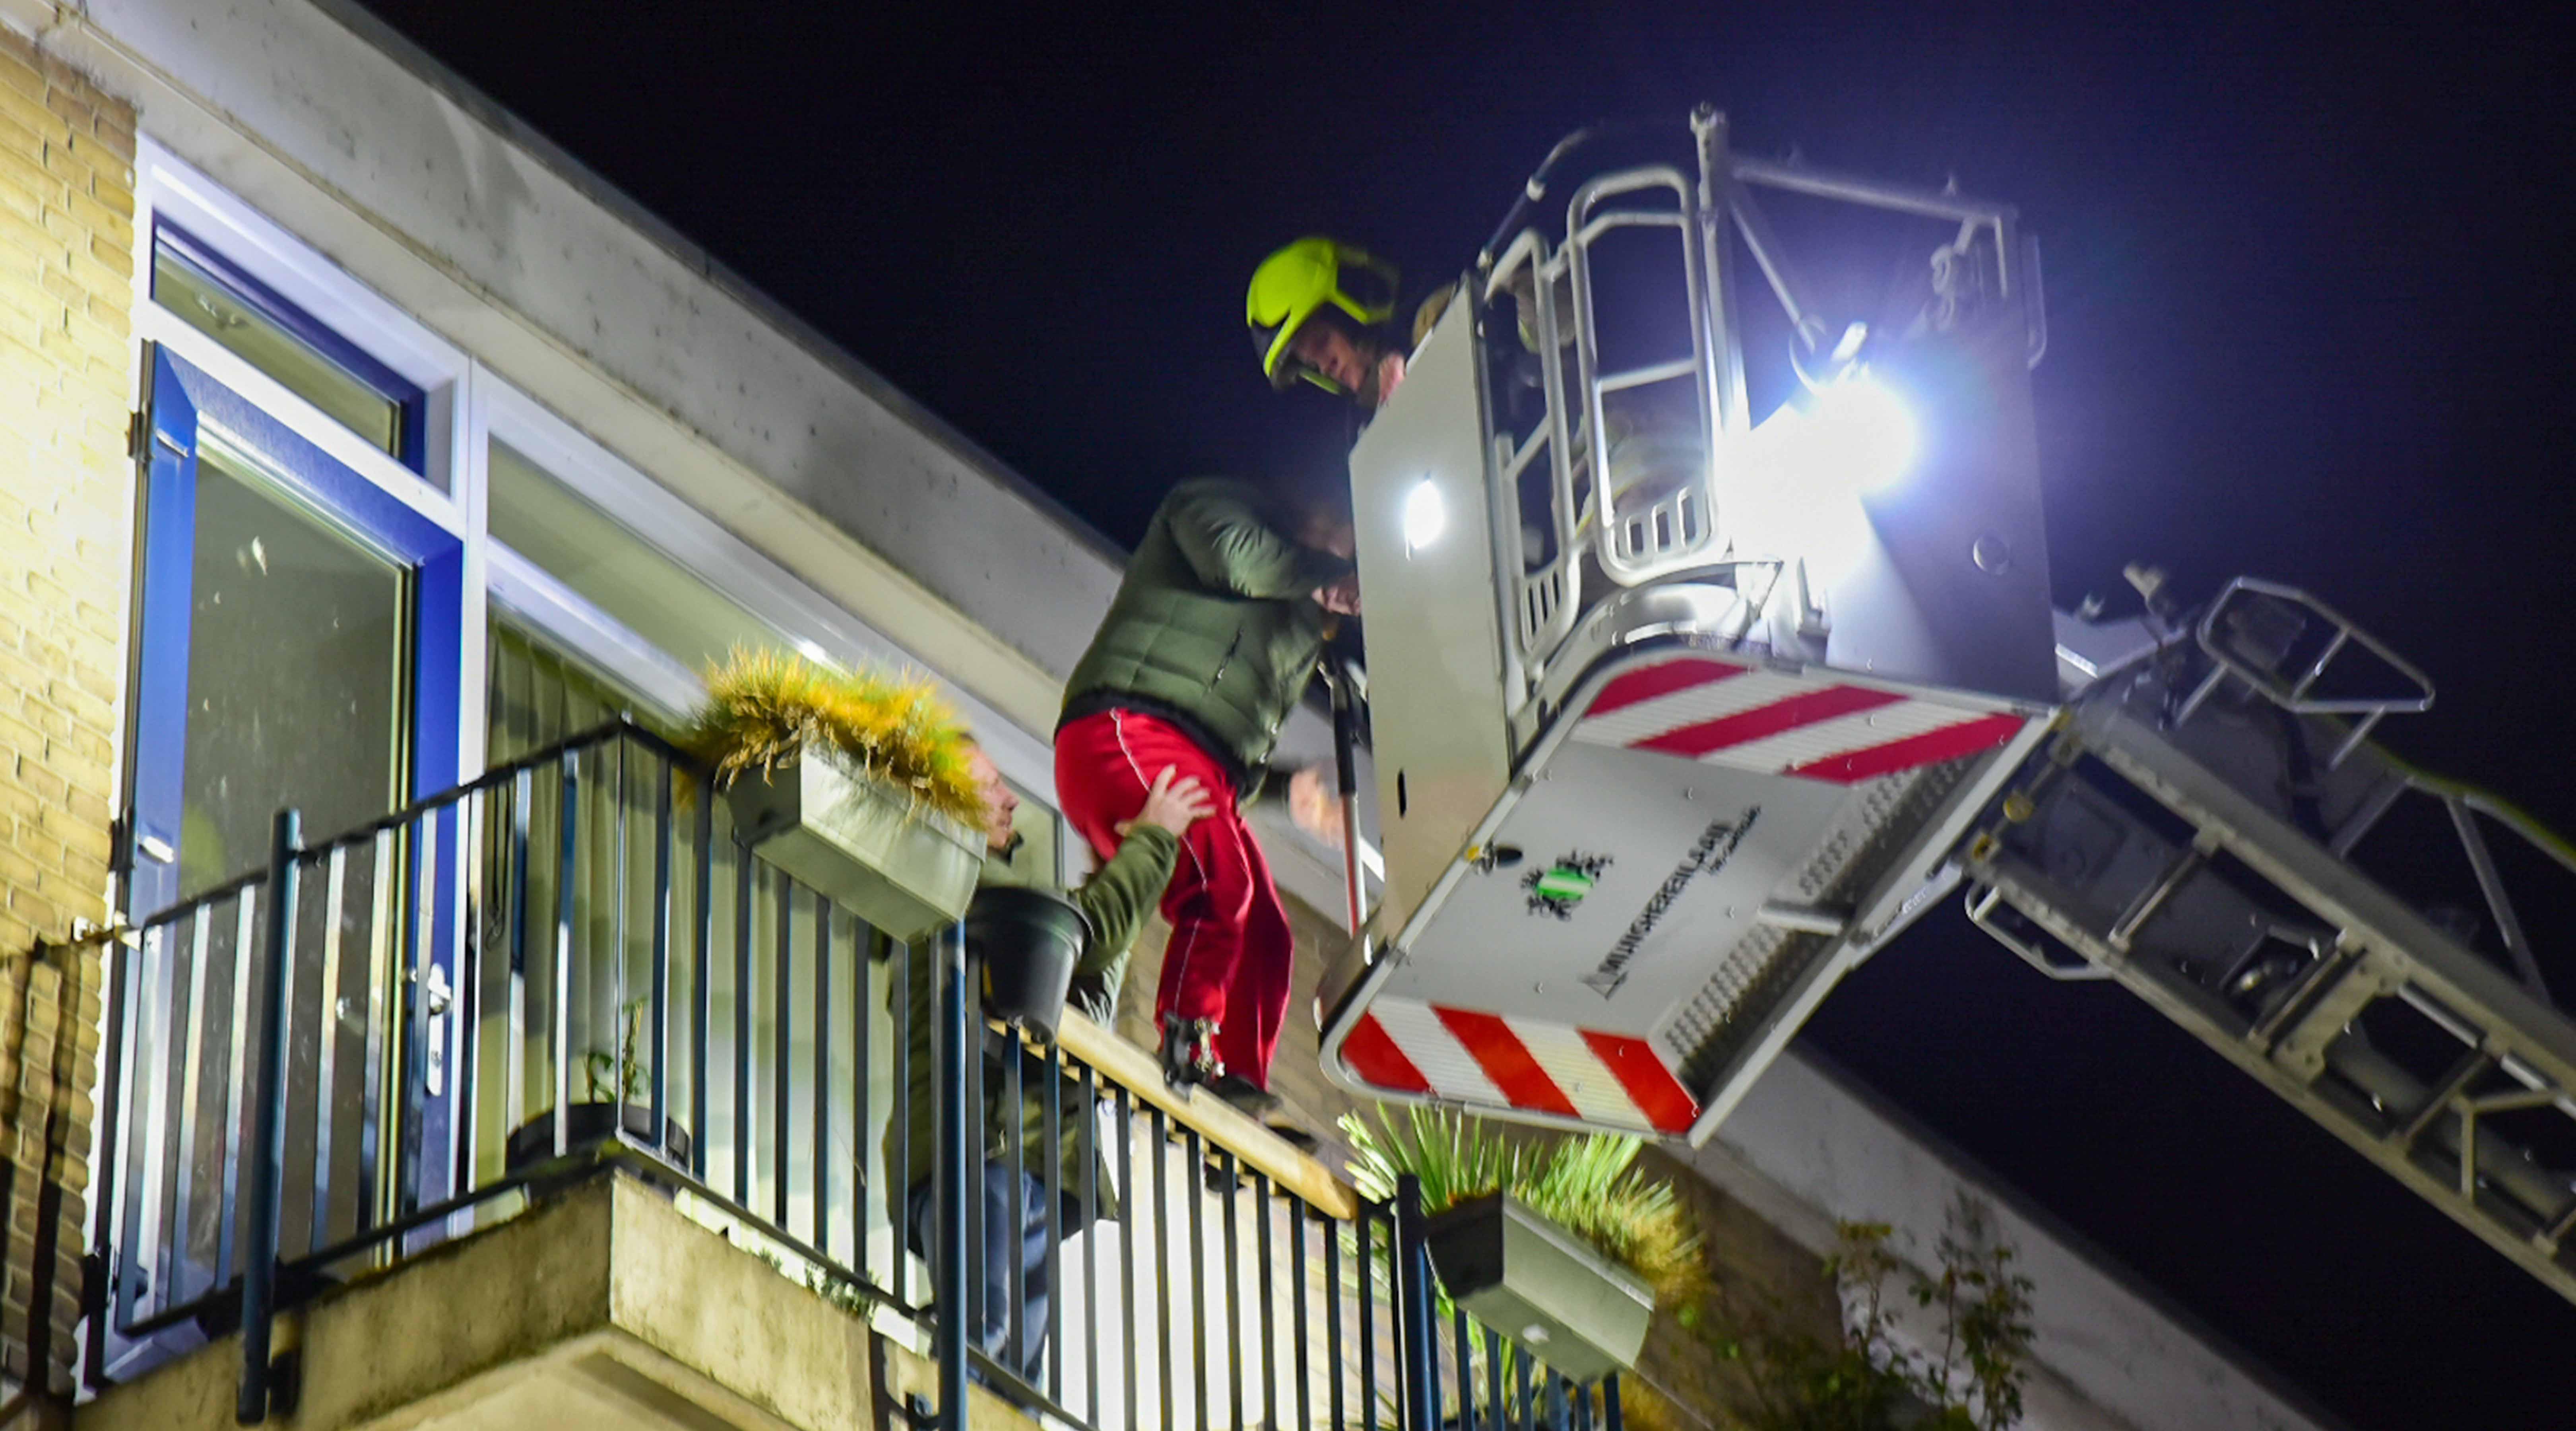 2 personen gered van balkon door brand aan de Schoonegge